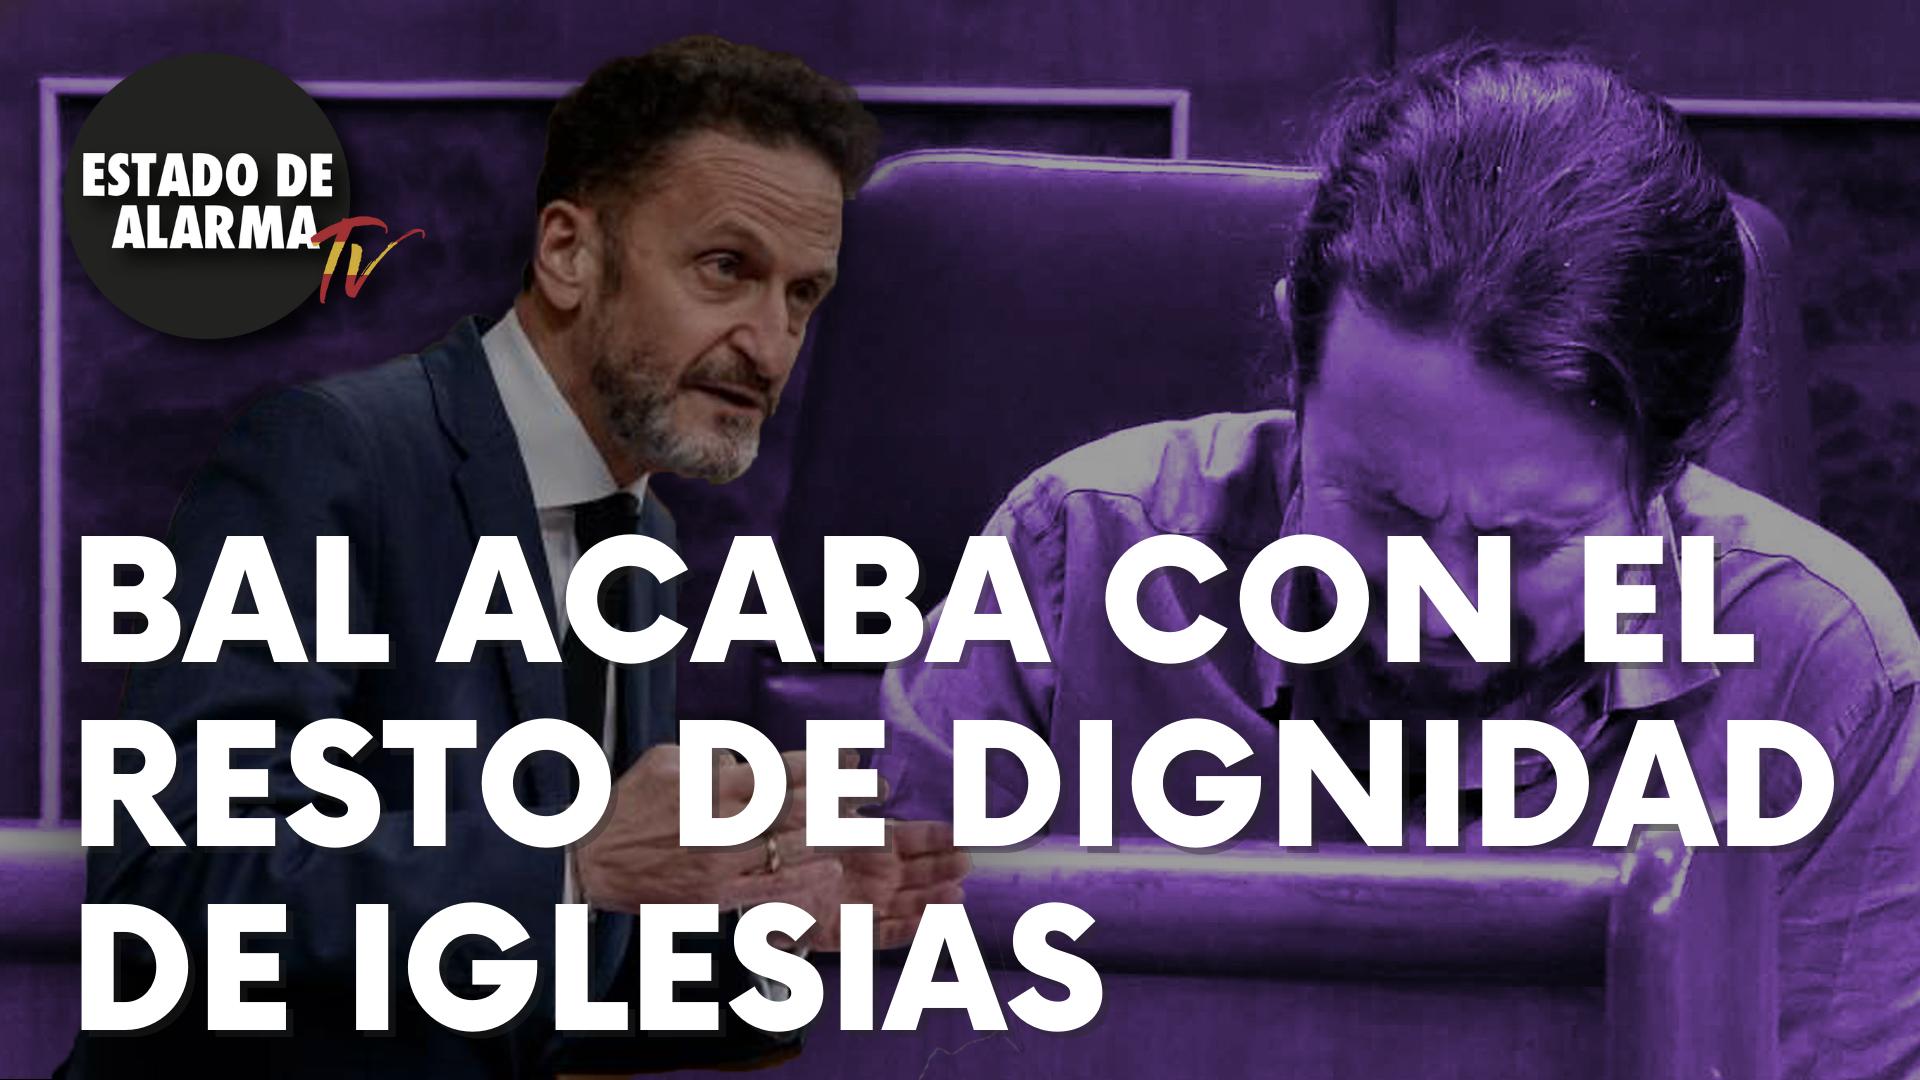 Bal acaba con el resto de dignidad de Iglesias